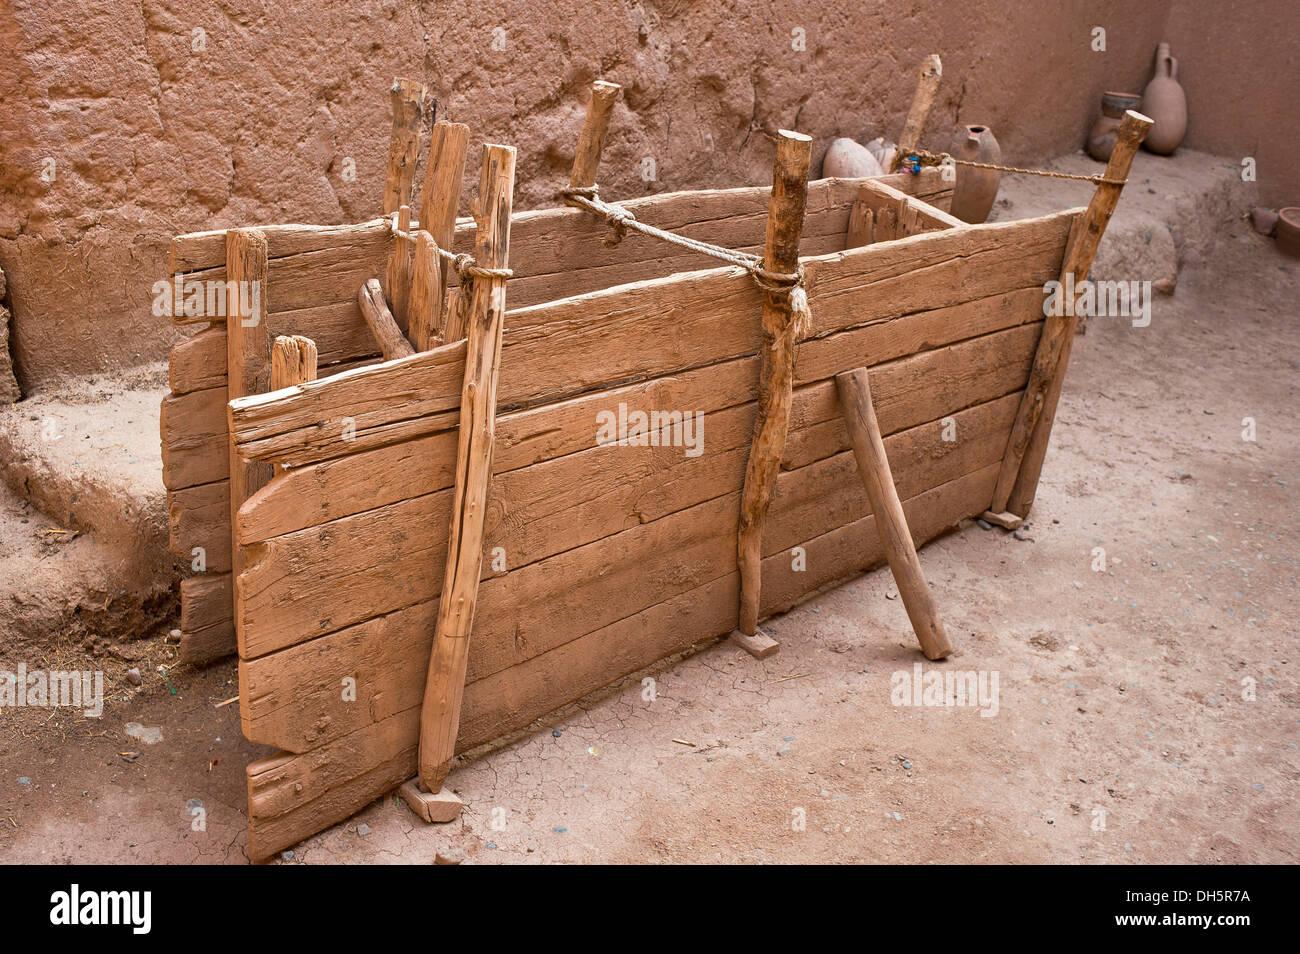 Timber Formwork Stock Photos & Timber Formwork Stock Images